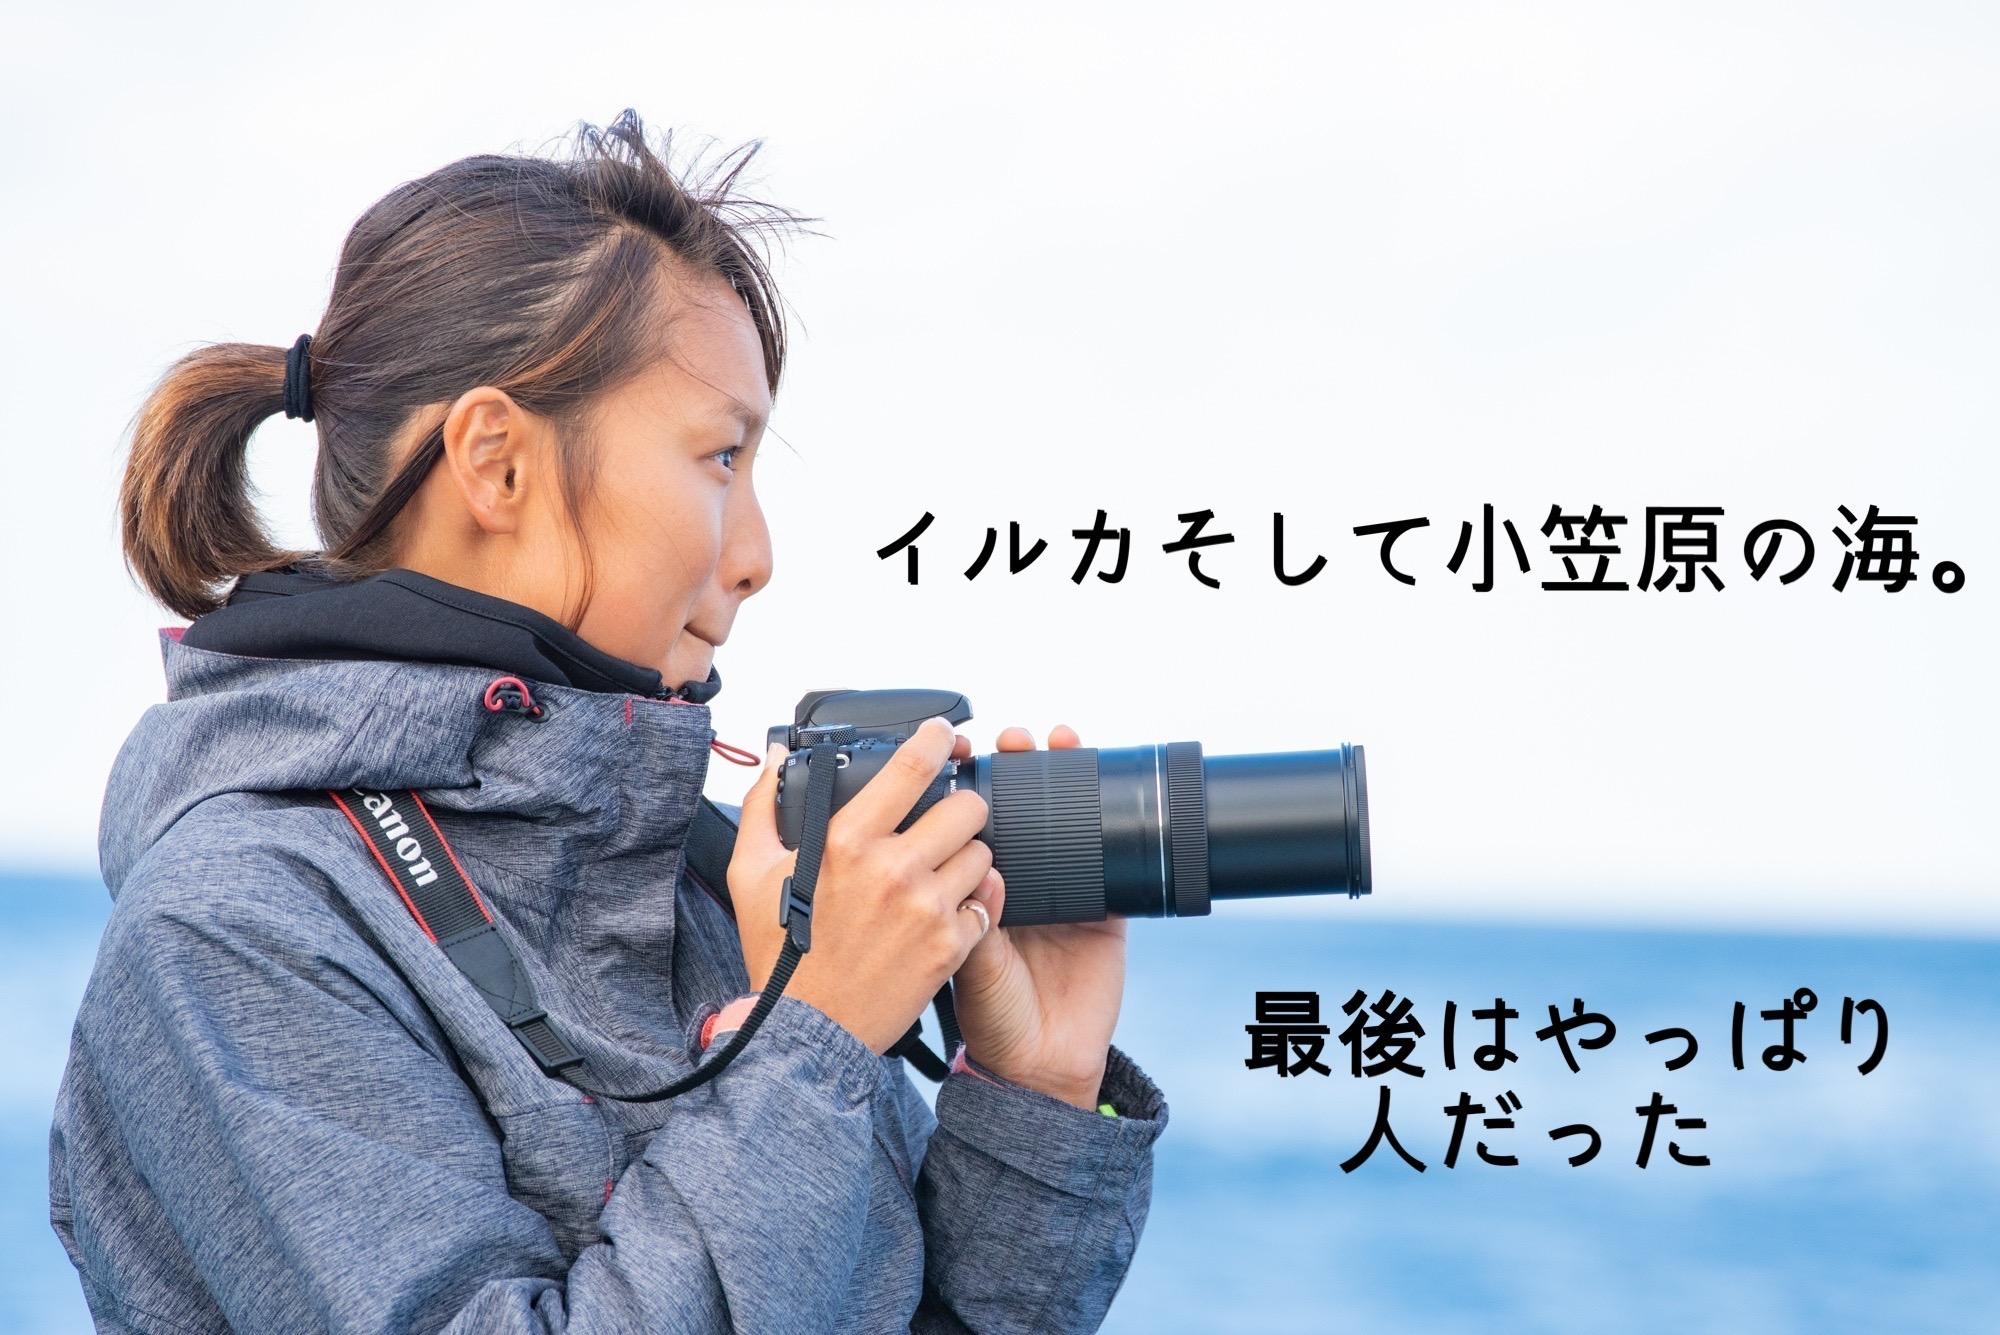 【ダイバー仕事名鑑】人が感動する瞬間ってすっごい素敵なんです! #小林恵利香